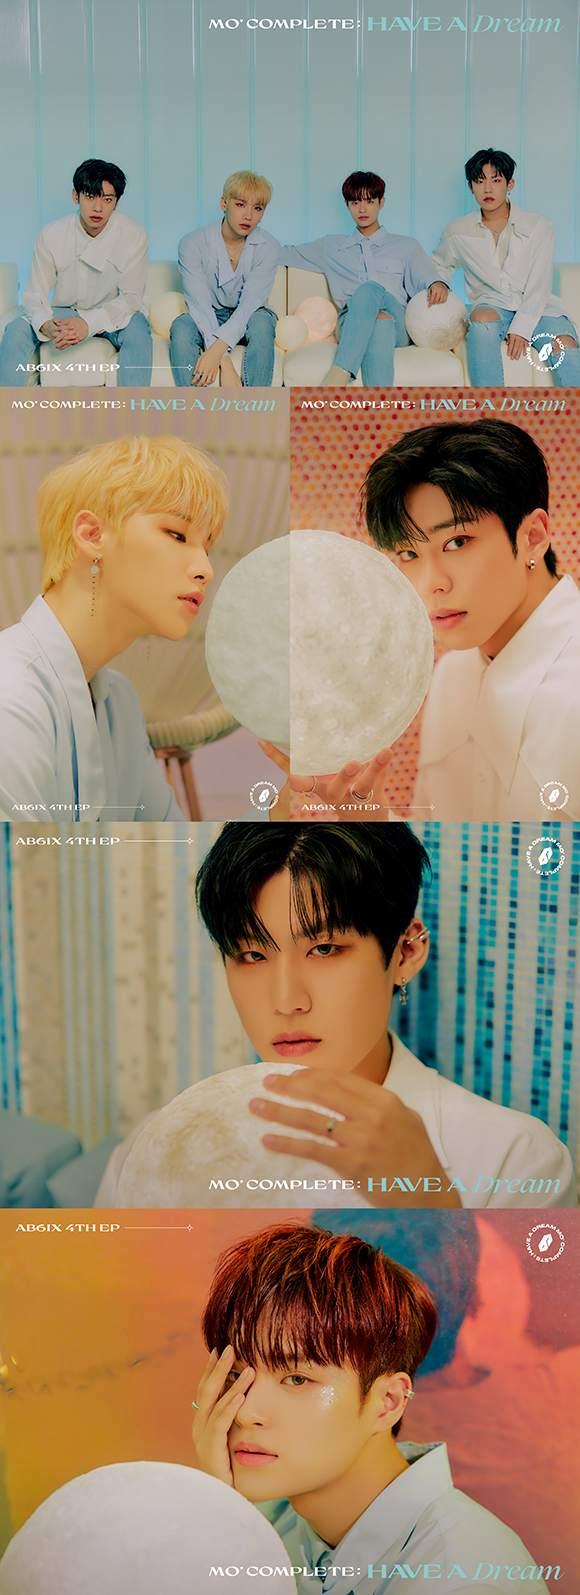 그룹 AB6IX가 새 앨범의 두 번째 콘셉트를 공개했다. 멤버들 특유의 시니컬한 분위기는 팬들의 눈길을 단숨에 사로잡았다. /브랜뉴뮤직 제공